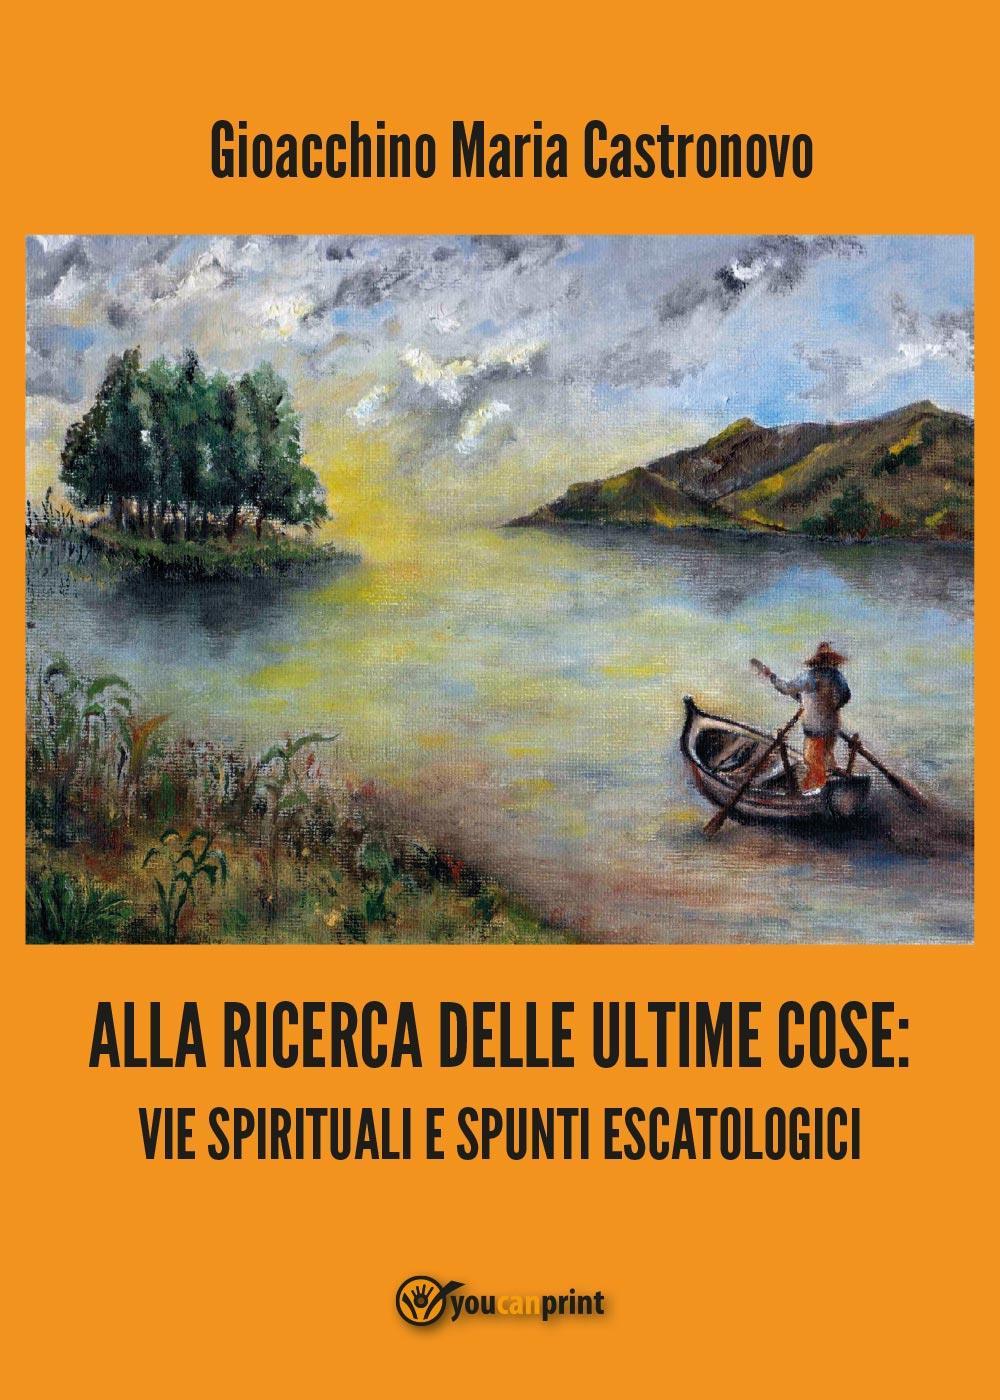 Alla ricerca delle ultime cose: vie spirituali e spunti escatlogici